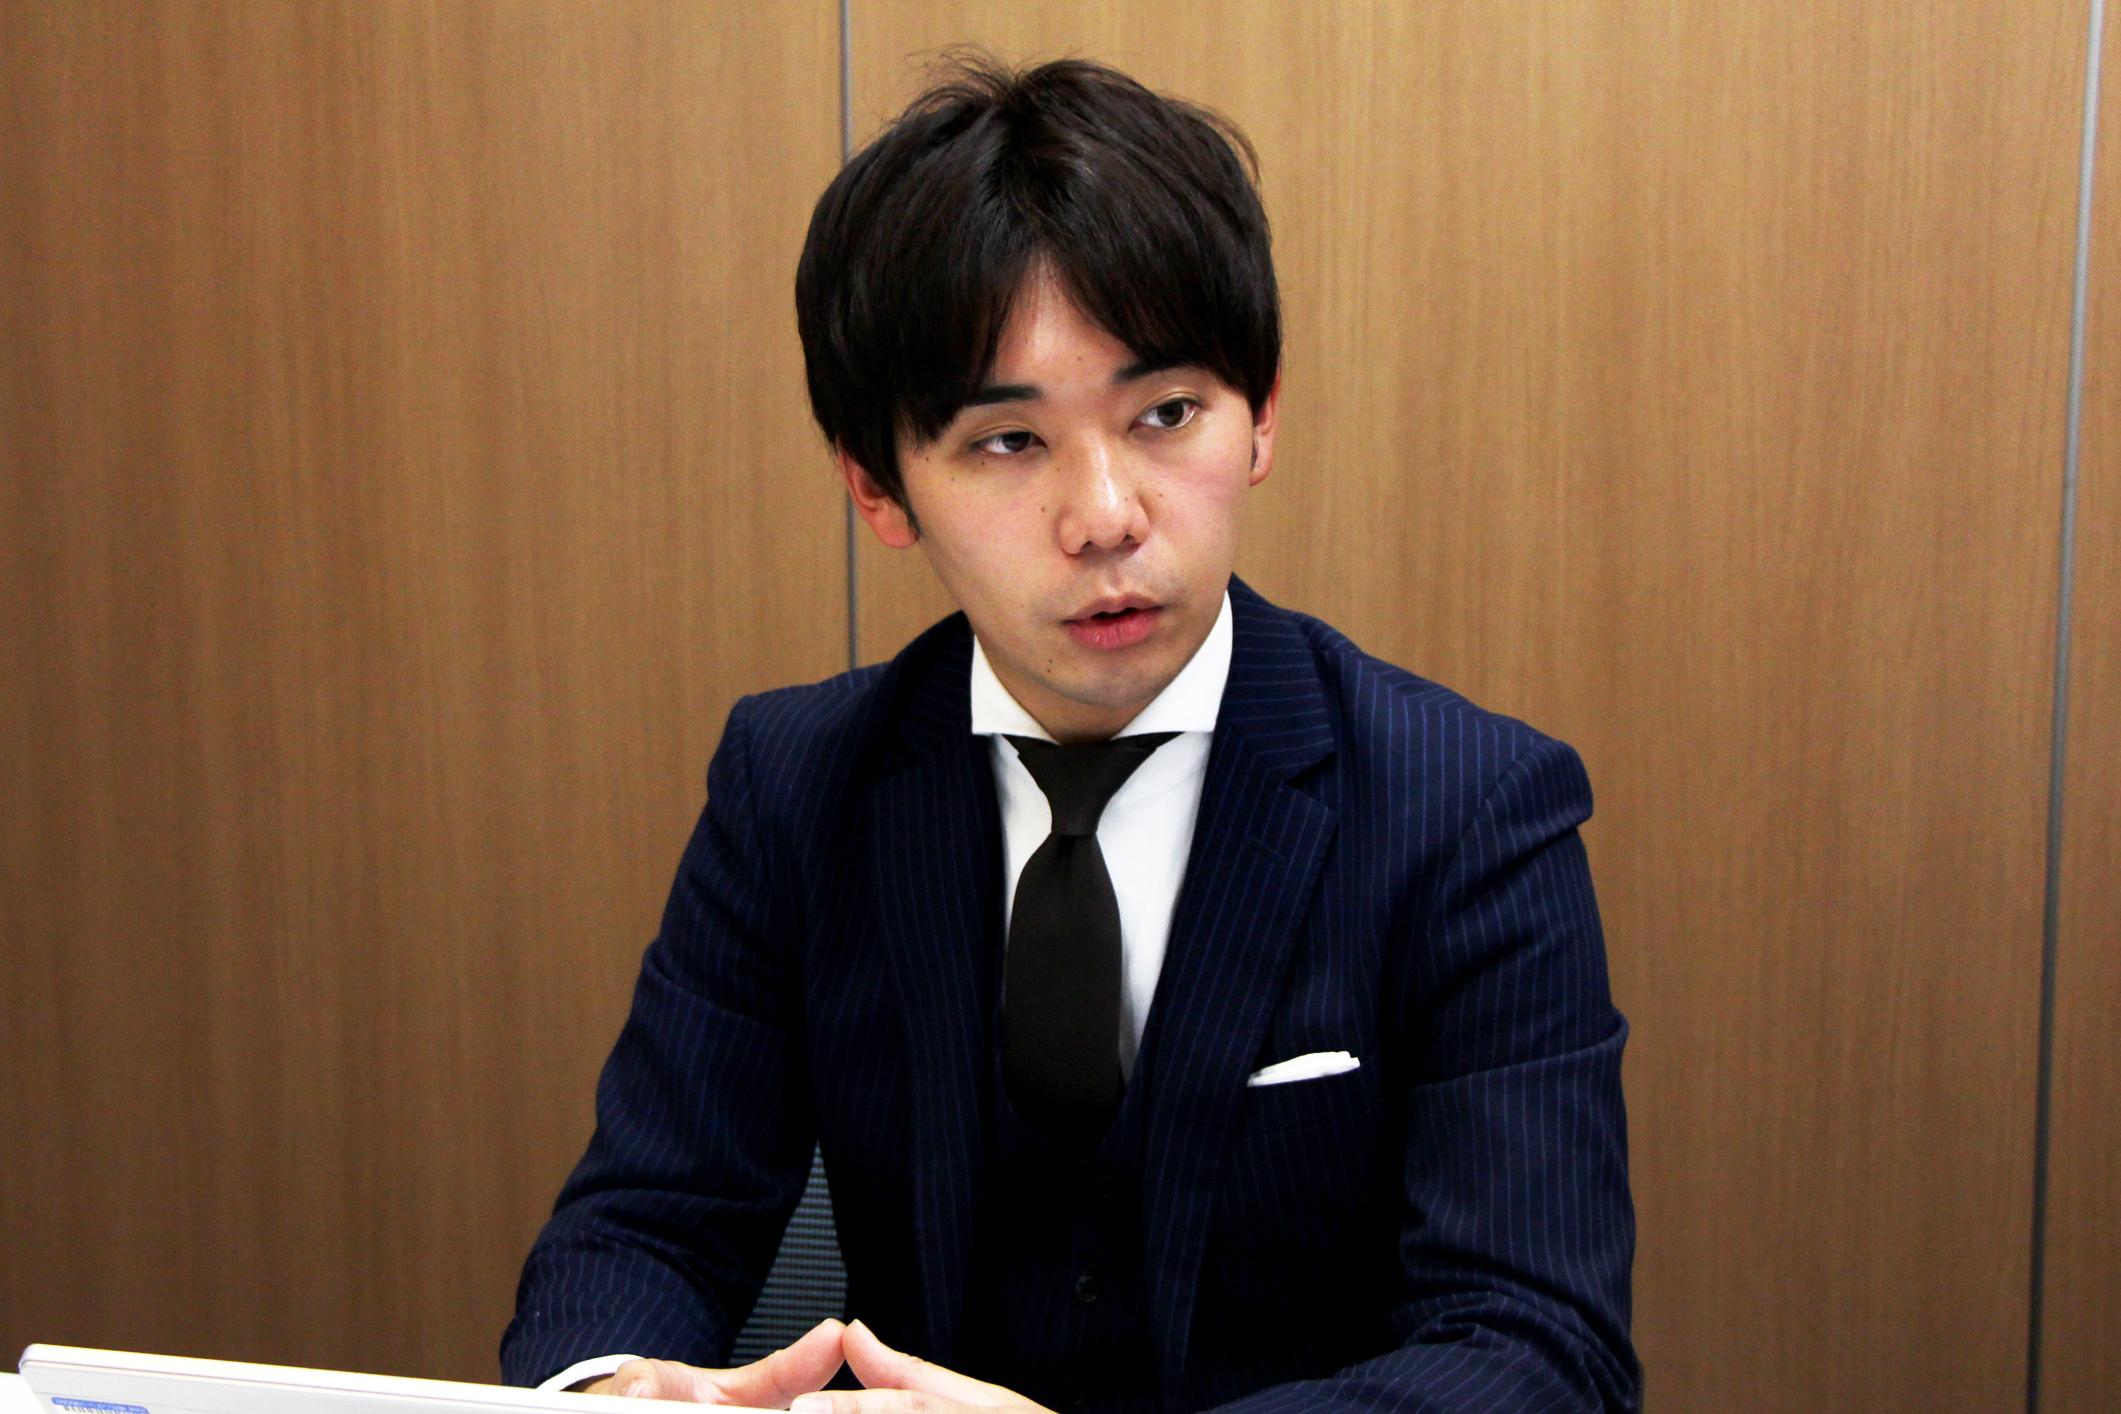 株式会社船井総合研究所 HR支援本部 シニア経営コンサルタント・植松拓海さん